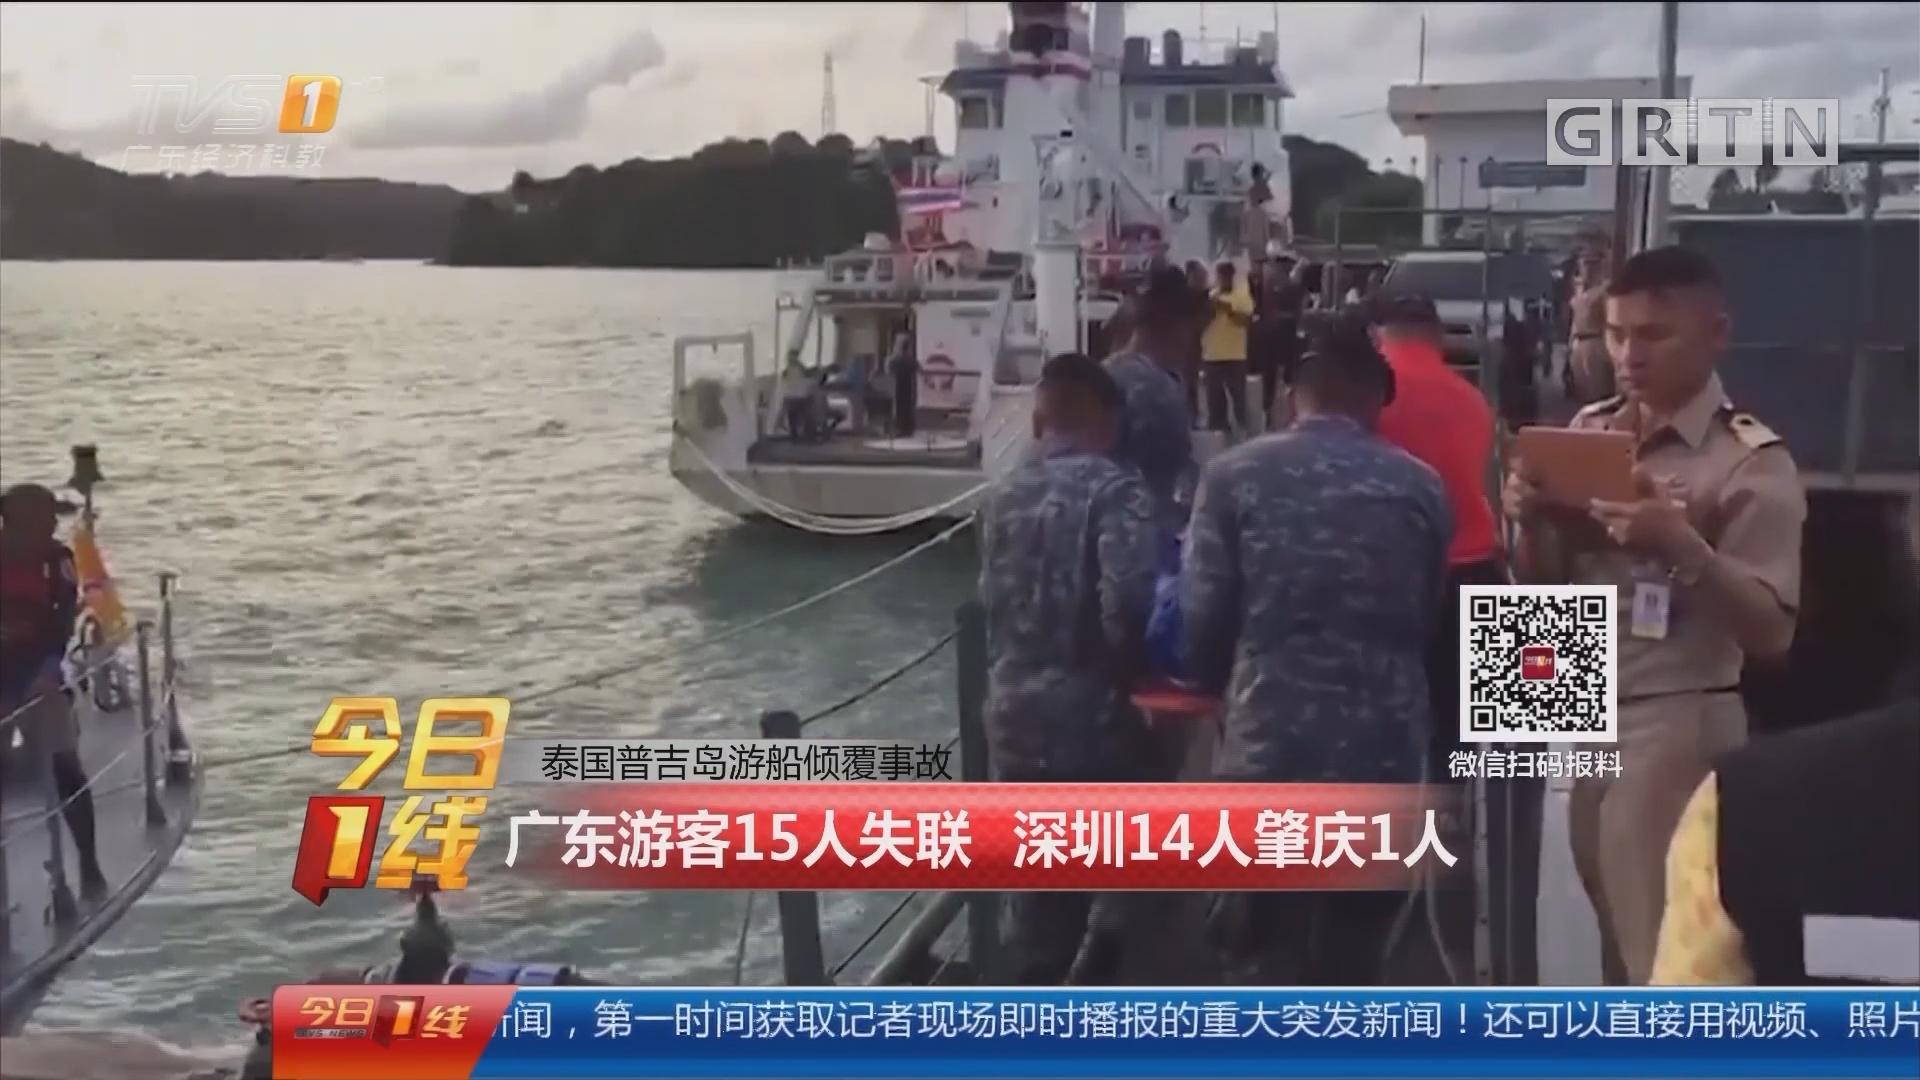 泰国普吉岛游船倾覆事故:广东游客15人失联 深圳14人肇庆1人